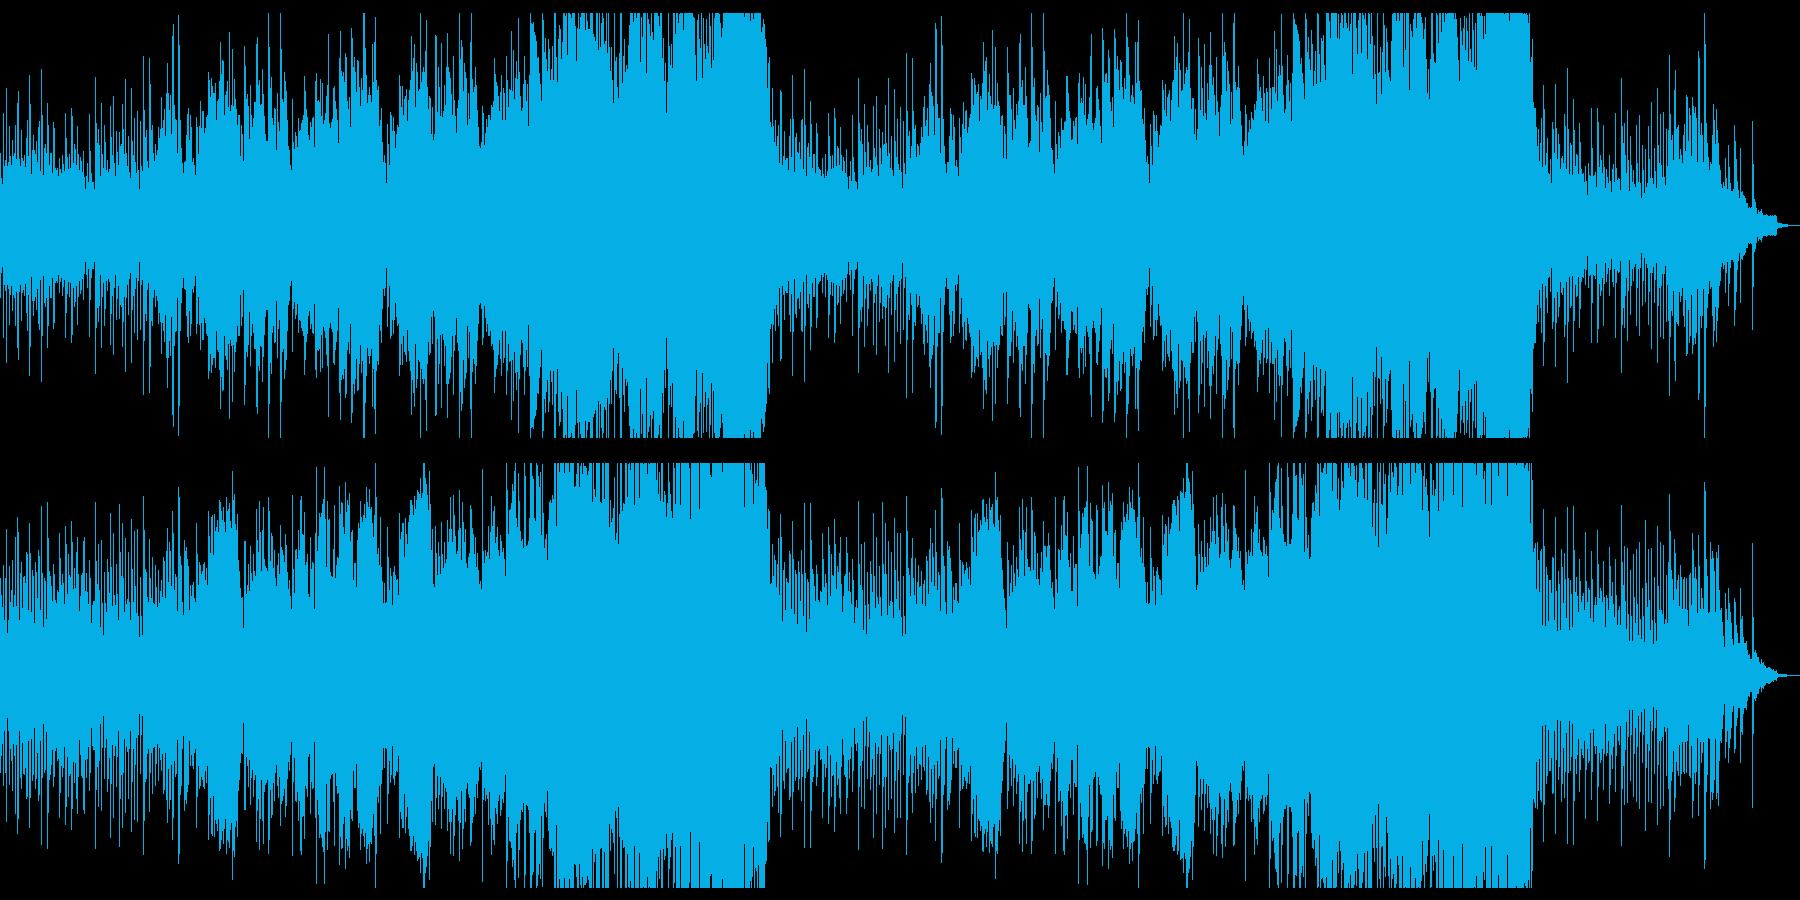 懐かしい哀愁の感動的なシネマシンフォ。の再生済みの波形